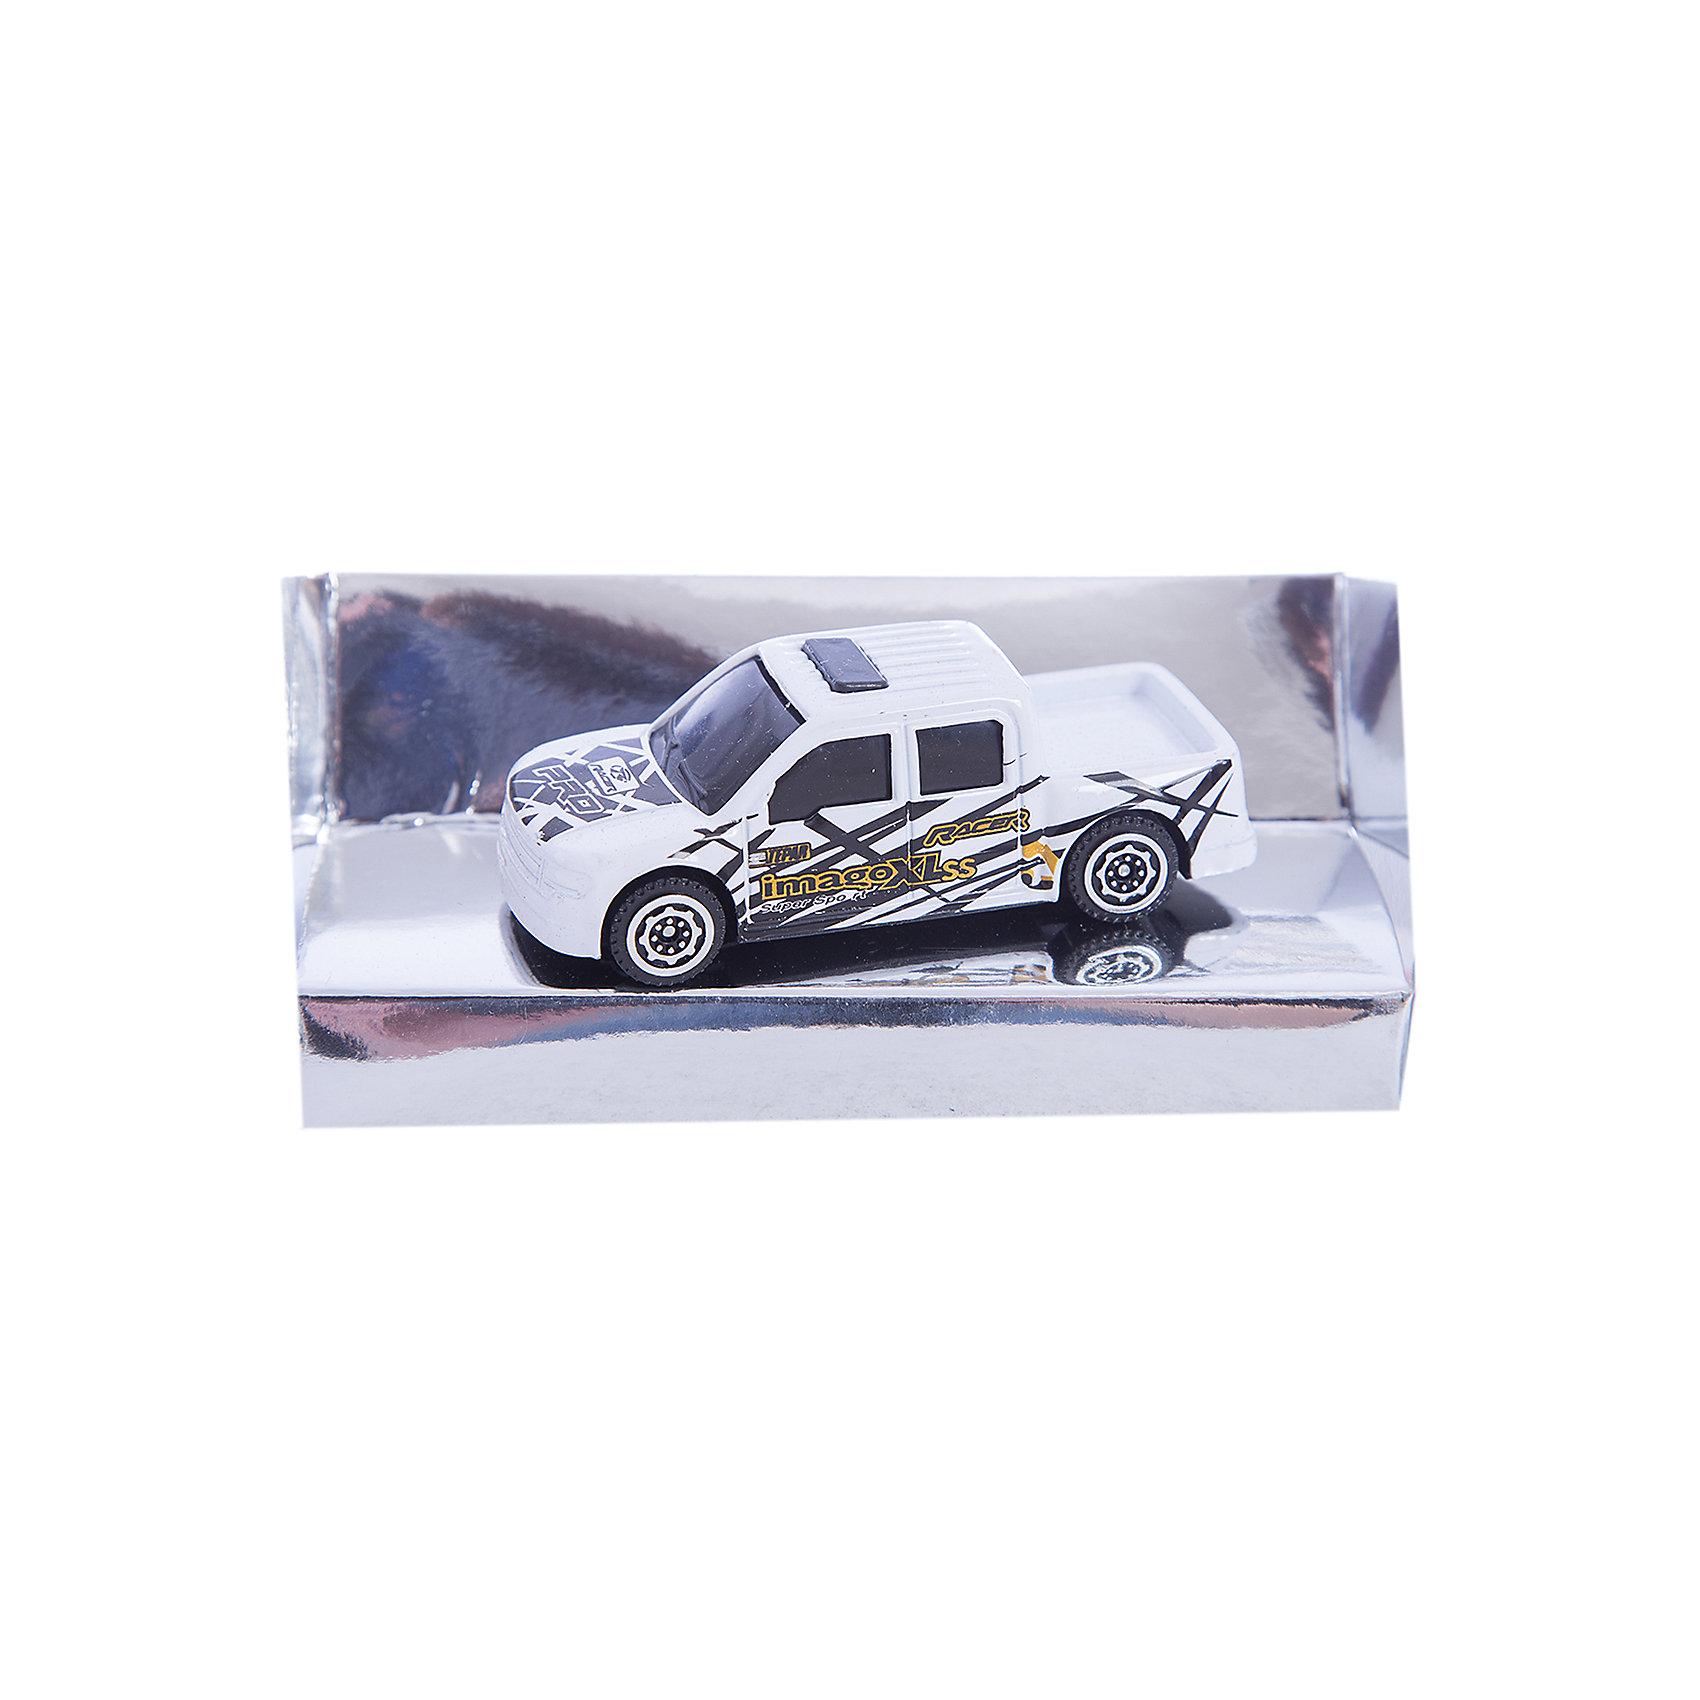 Машинка Pick-Up Double Cab дрифт 1:56, AutotimeМашинки<br>Характеристики товара:<br><br>• цвет: белый<br>• материал: металл, пластик<br>• размер упаковки: 12 x 14 x 6 см<br>• размер игрушки: 9 х 4 см<br>• вес: 100 г<br>• масштаб: 1:56<br>• хорошая детализация<br>• упаковка: коробка<br>• прочный материал<br>• страна бренда: Россия<br>• страна производства: Китай<br><br>Такая машинка приведет мальчишек в восторг! Она отлично детализирована и так похожа на настоящую. С подобной игрушкой можно придумать множество сюжетов для игр. Благодаря прочному материалу она сможет долго радовать ребенка.<br><br>Машинка может выполнять сразу несколько функций: развлекать ребенка, помогать вырабатывать практические качества: ловкость, координацию, мелкую моторику. Также в процессе увлекательной игры развивается фантазия ребенка. Изделие выполнено из сертифицированных материалов, безопасных для детей.<br><br>Машинку Pick-Up Double Cab дрифт от бренда AUTOTIME можно купить в нашем интернет-магазине.<br><br>Ширина мм: 165<br>Глубина мм: 57<br>Высота мм: 75<br>Вес г: 13<br>Возраст от месяцев: 36<br>Возраст до месяцев: 2147483647<br>Пол: Мужской<br>Возраст: Детский<br>SKU: 5584023